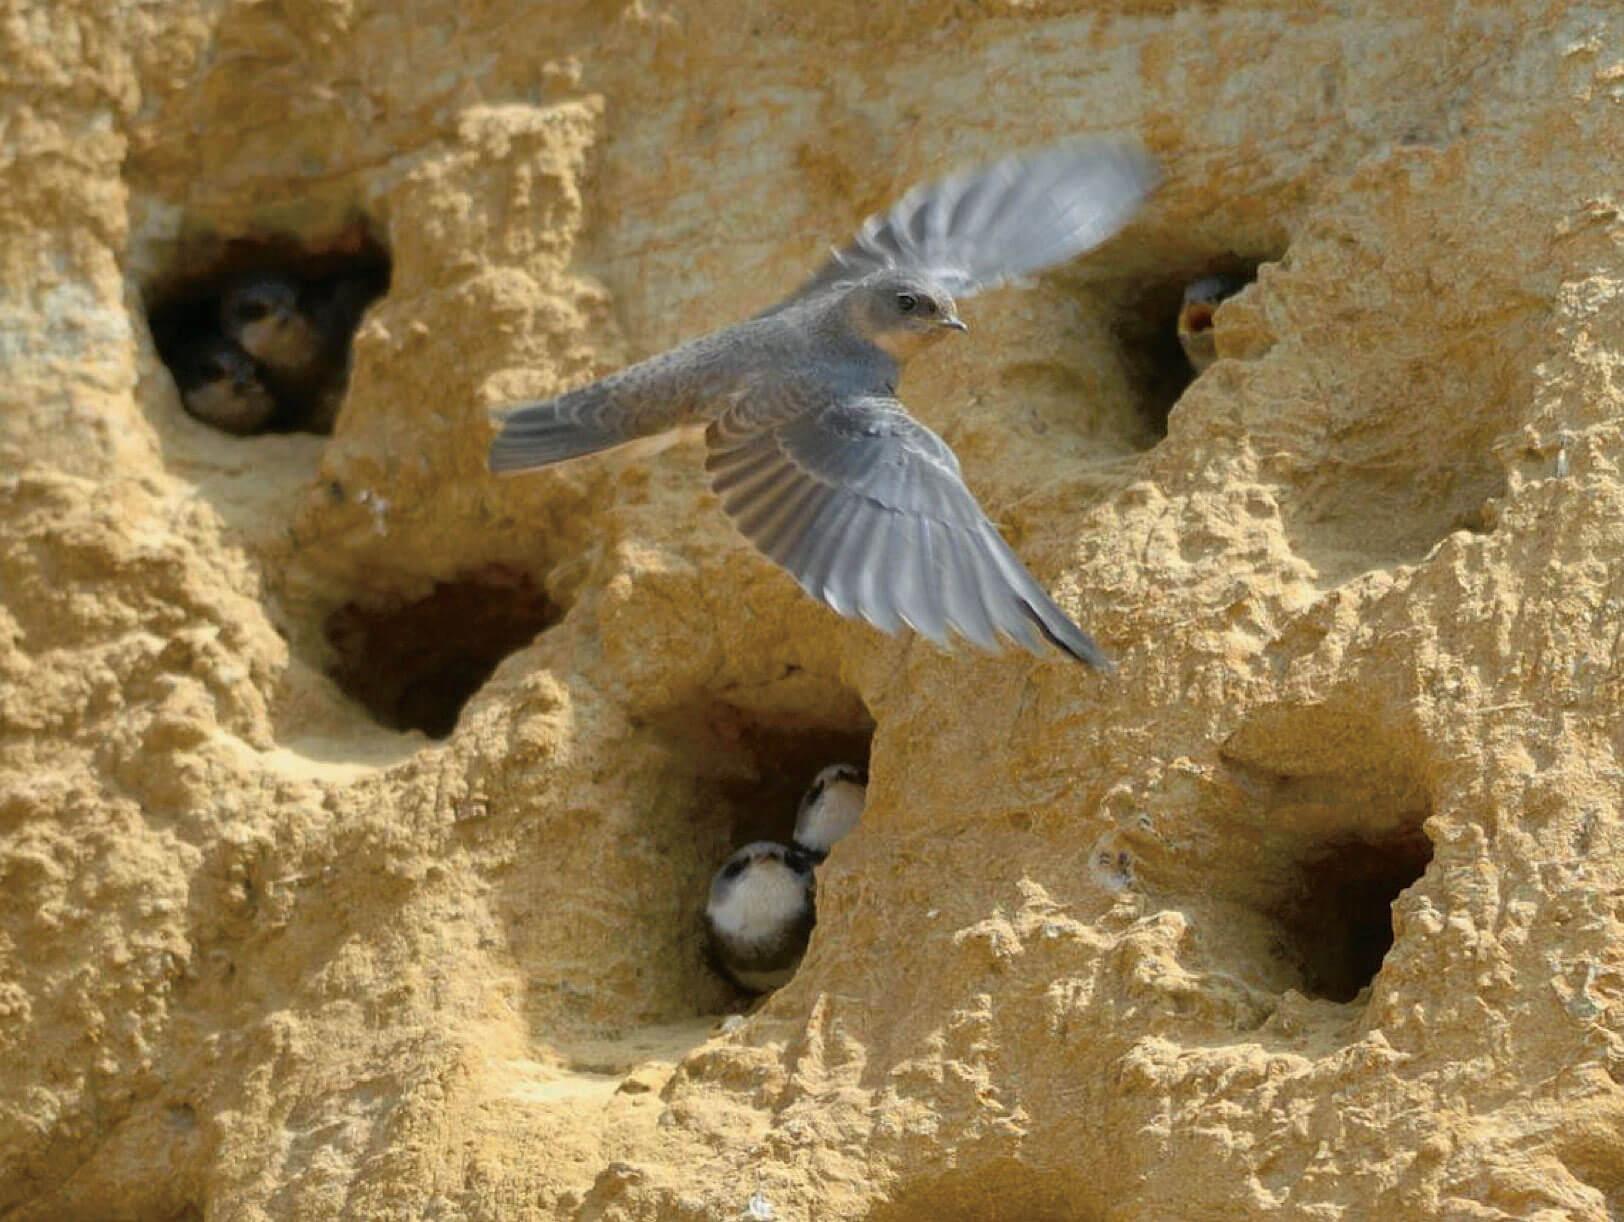 L'hirondelle de rivage, un oiseau à protéger en Belgique - La Salamandre